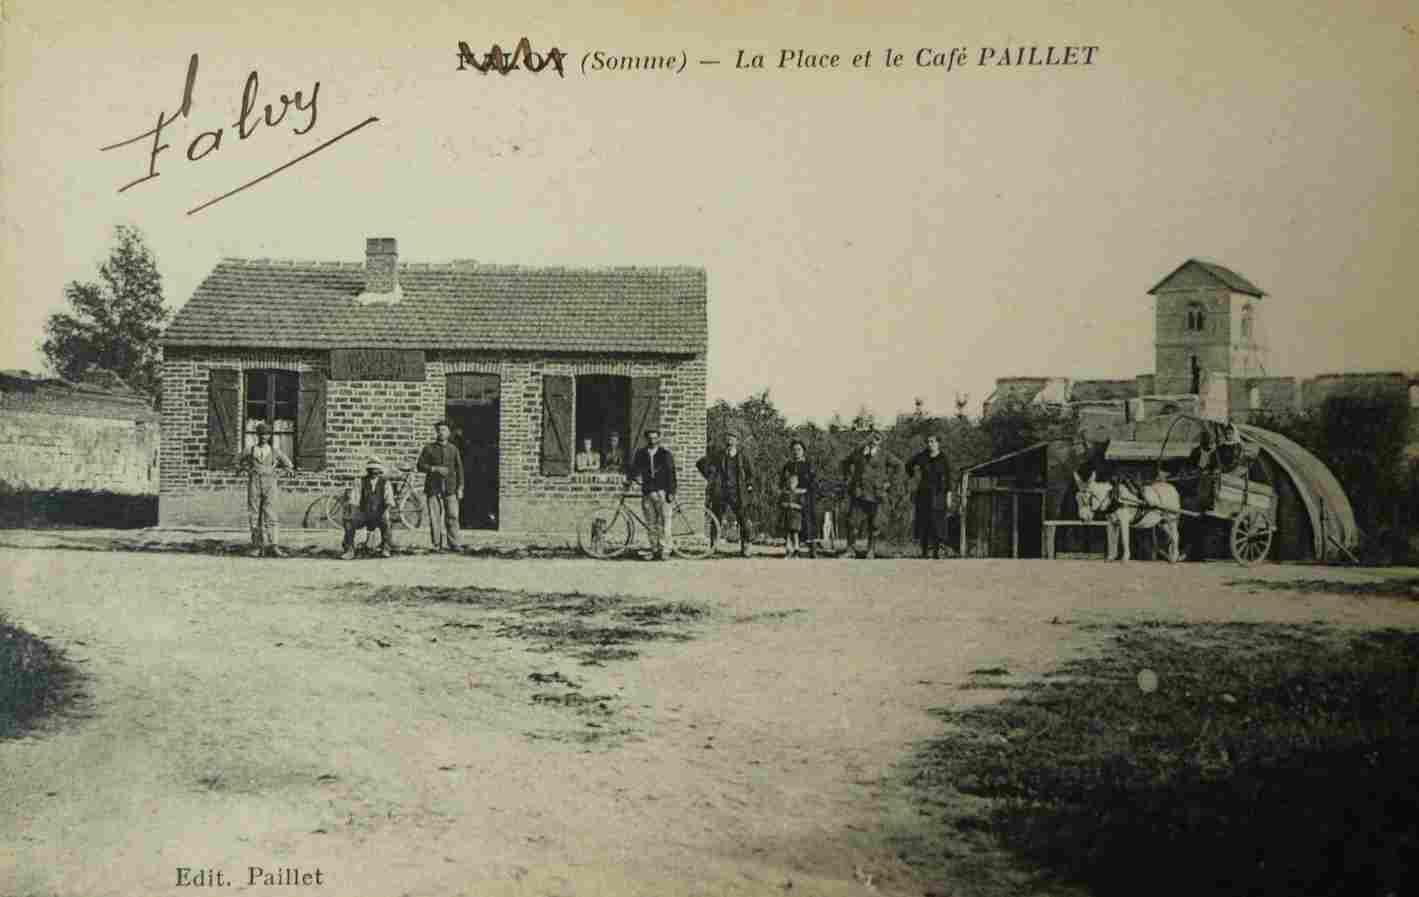 Falvy - La place et café Paillet